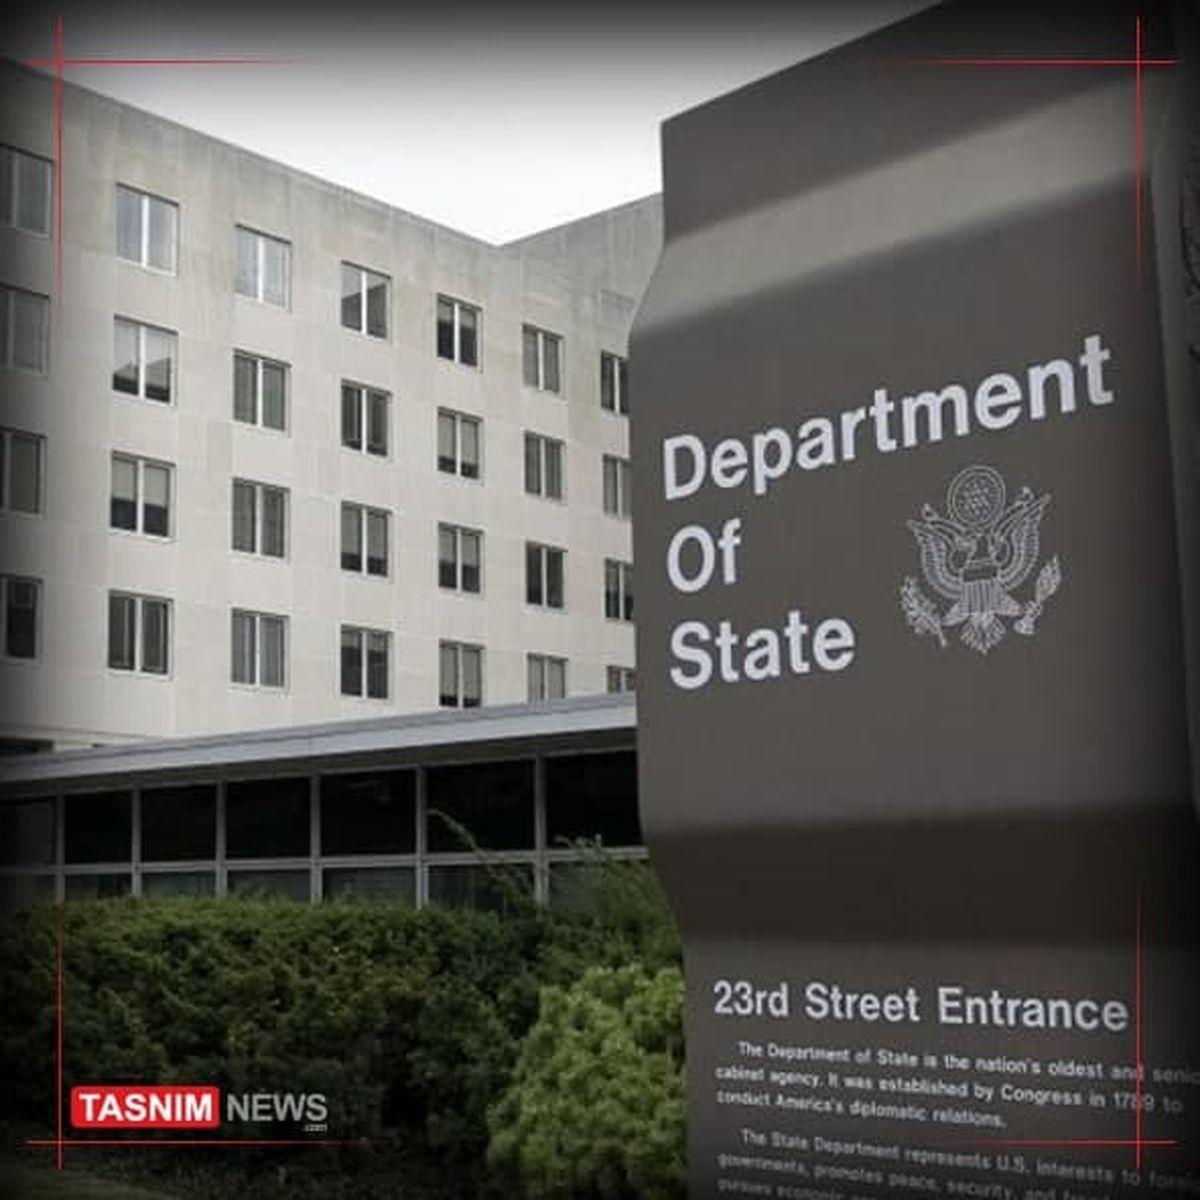 آمریکا: درباره تسهیل تحریمهای ایران بحث میکنیم